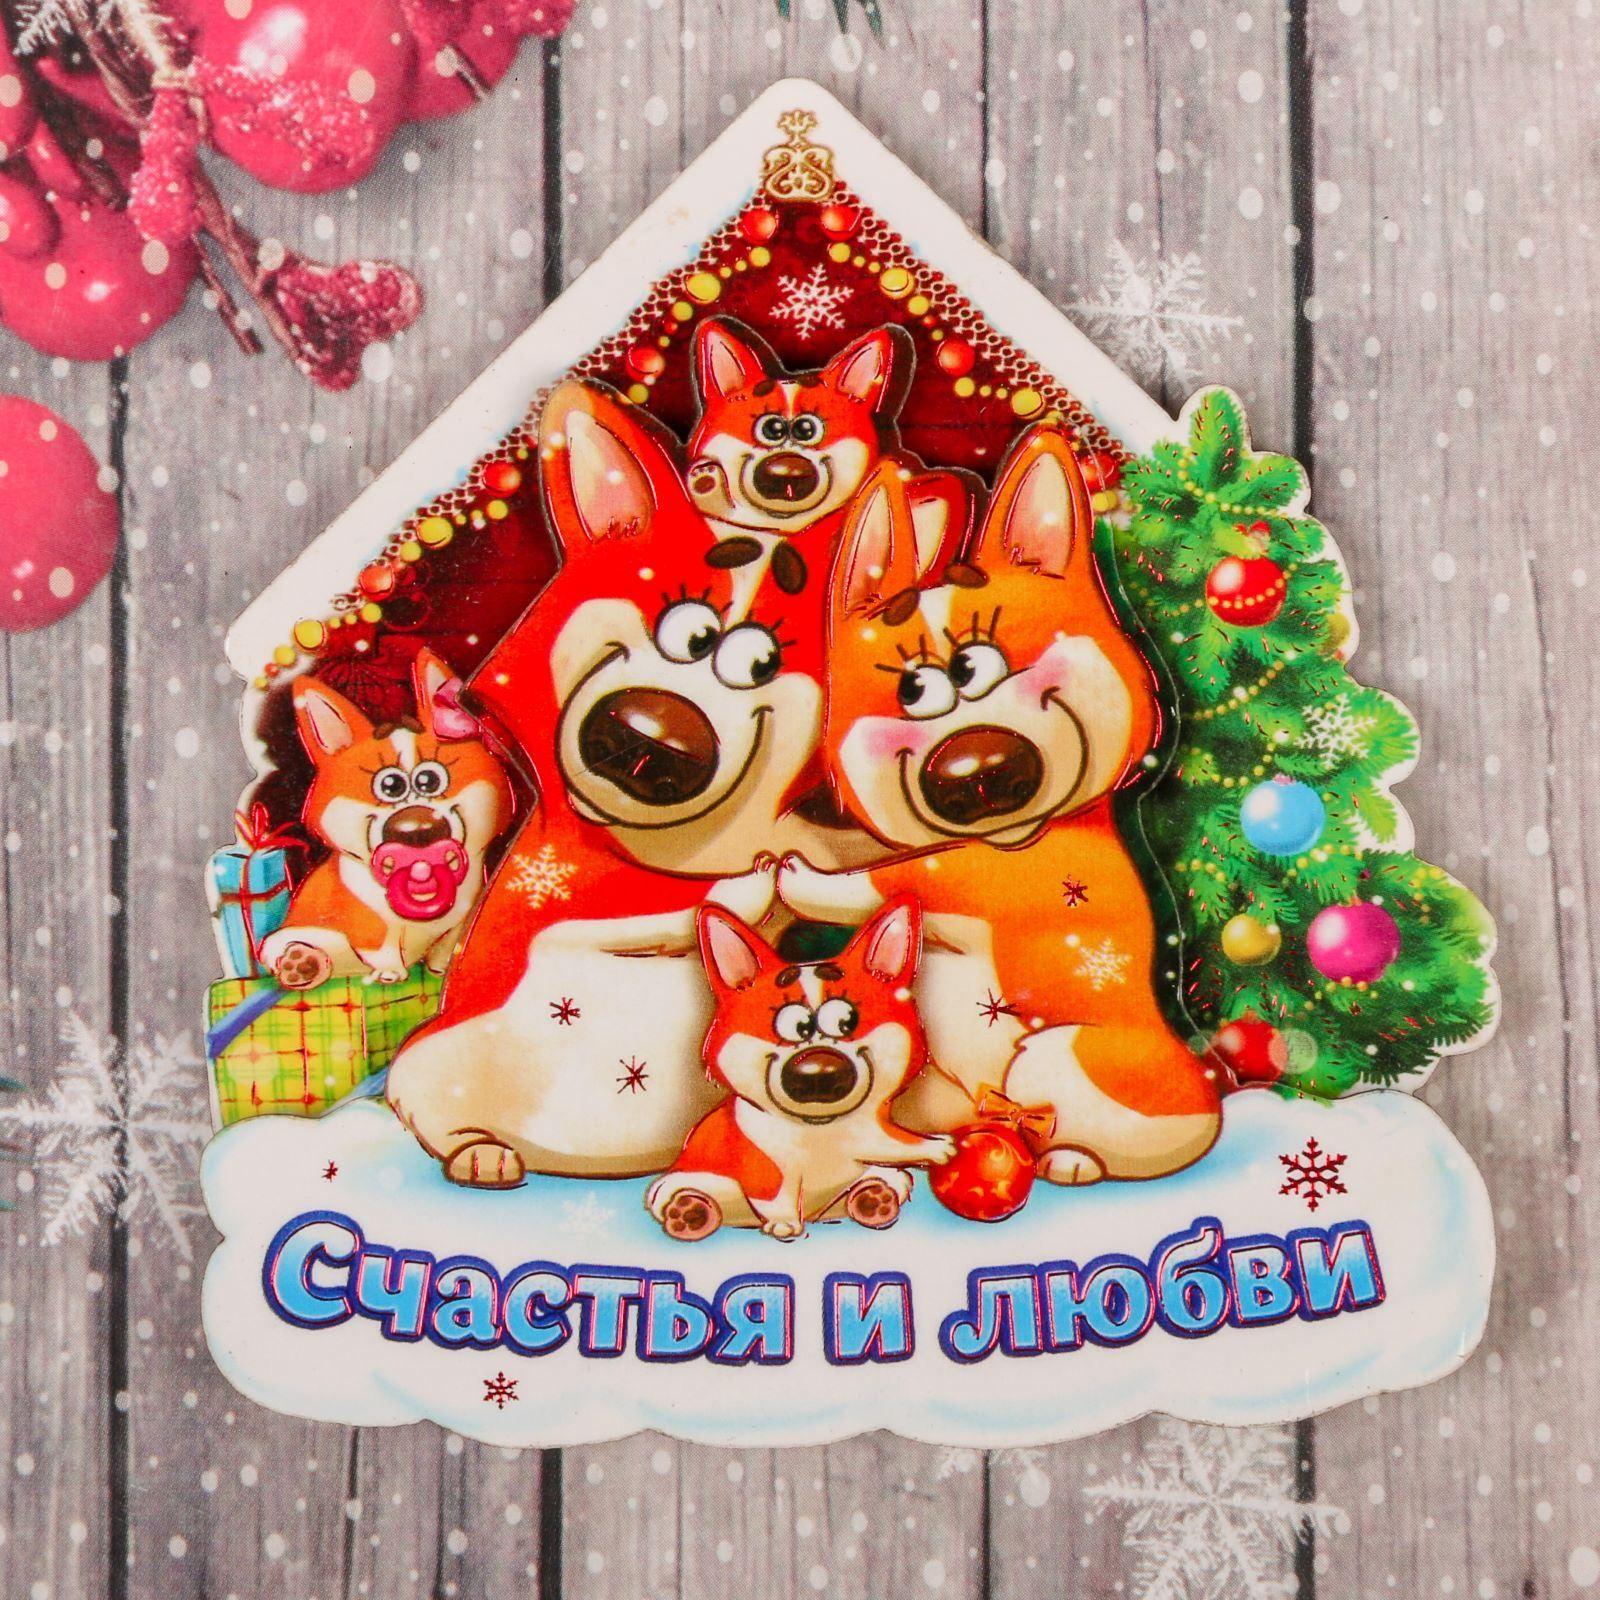 Магнит Sima-land Счастья и любви, 8,1 х 8,8 см1982814Порадуйте родных и близких оригинальным сувениром: преподнесите в подарок магнит. С ним даже самый серьёзный человек почувствует себя ребёнком, ожидающим чудо! Создайте праздничное настроение, и оно останется с вами на весь год.